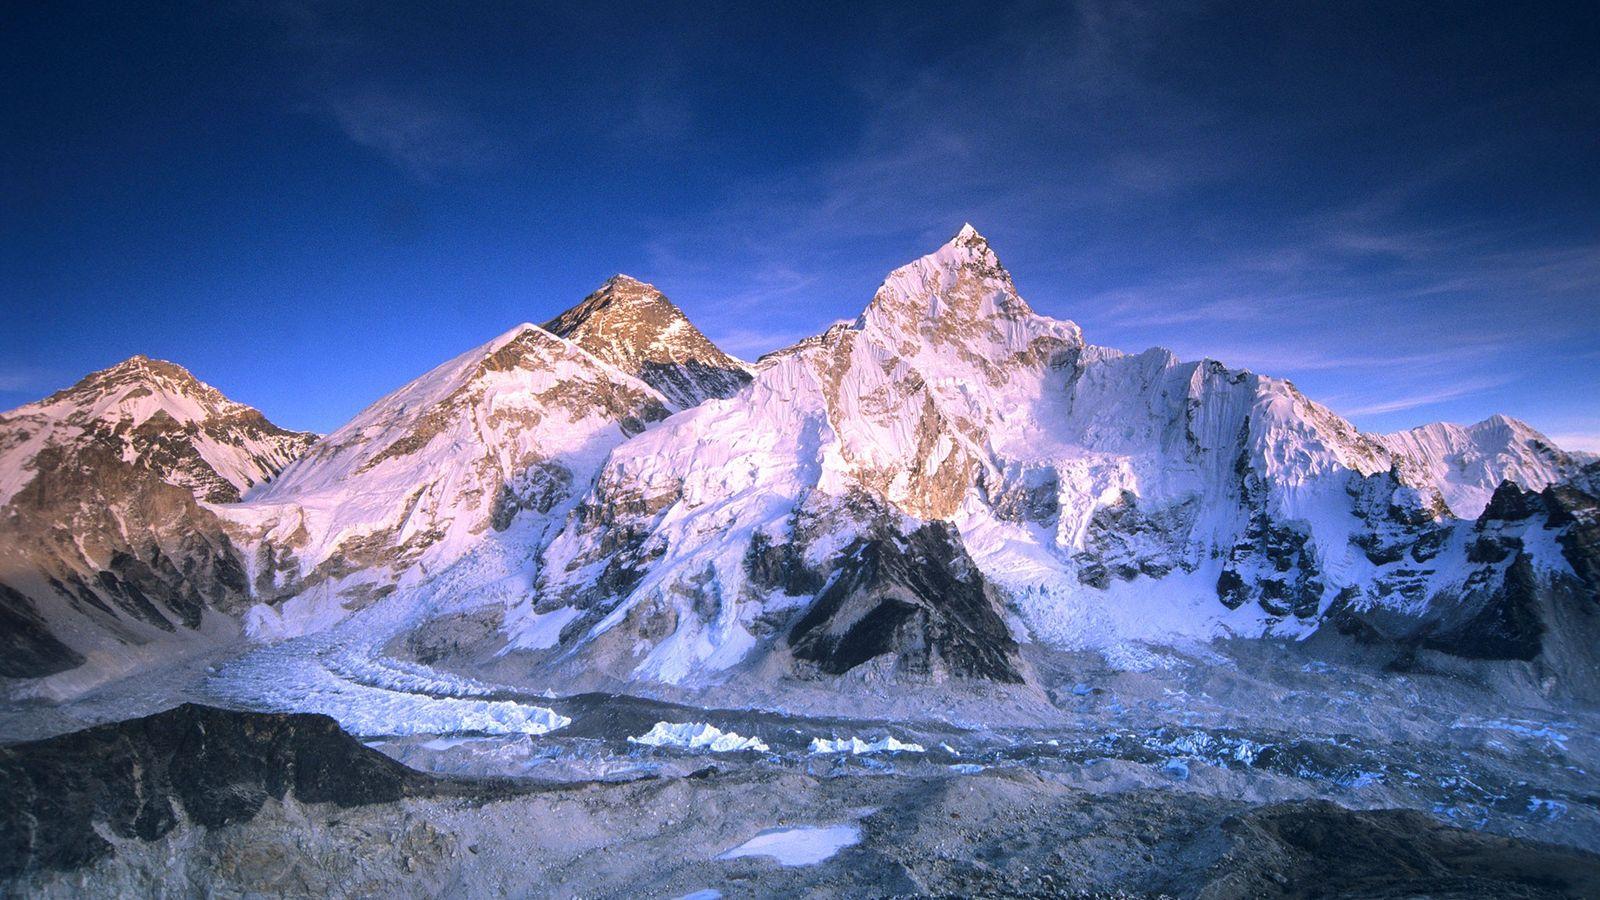 Os alpinistas poloneses Leszek Cichy e Krzysztof Wielicki chegaram ao topo do Everest em 17 de ...